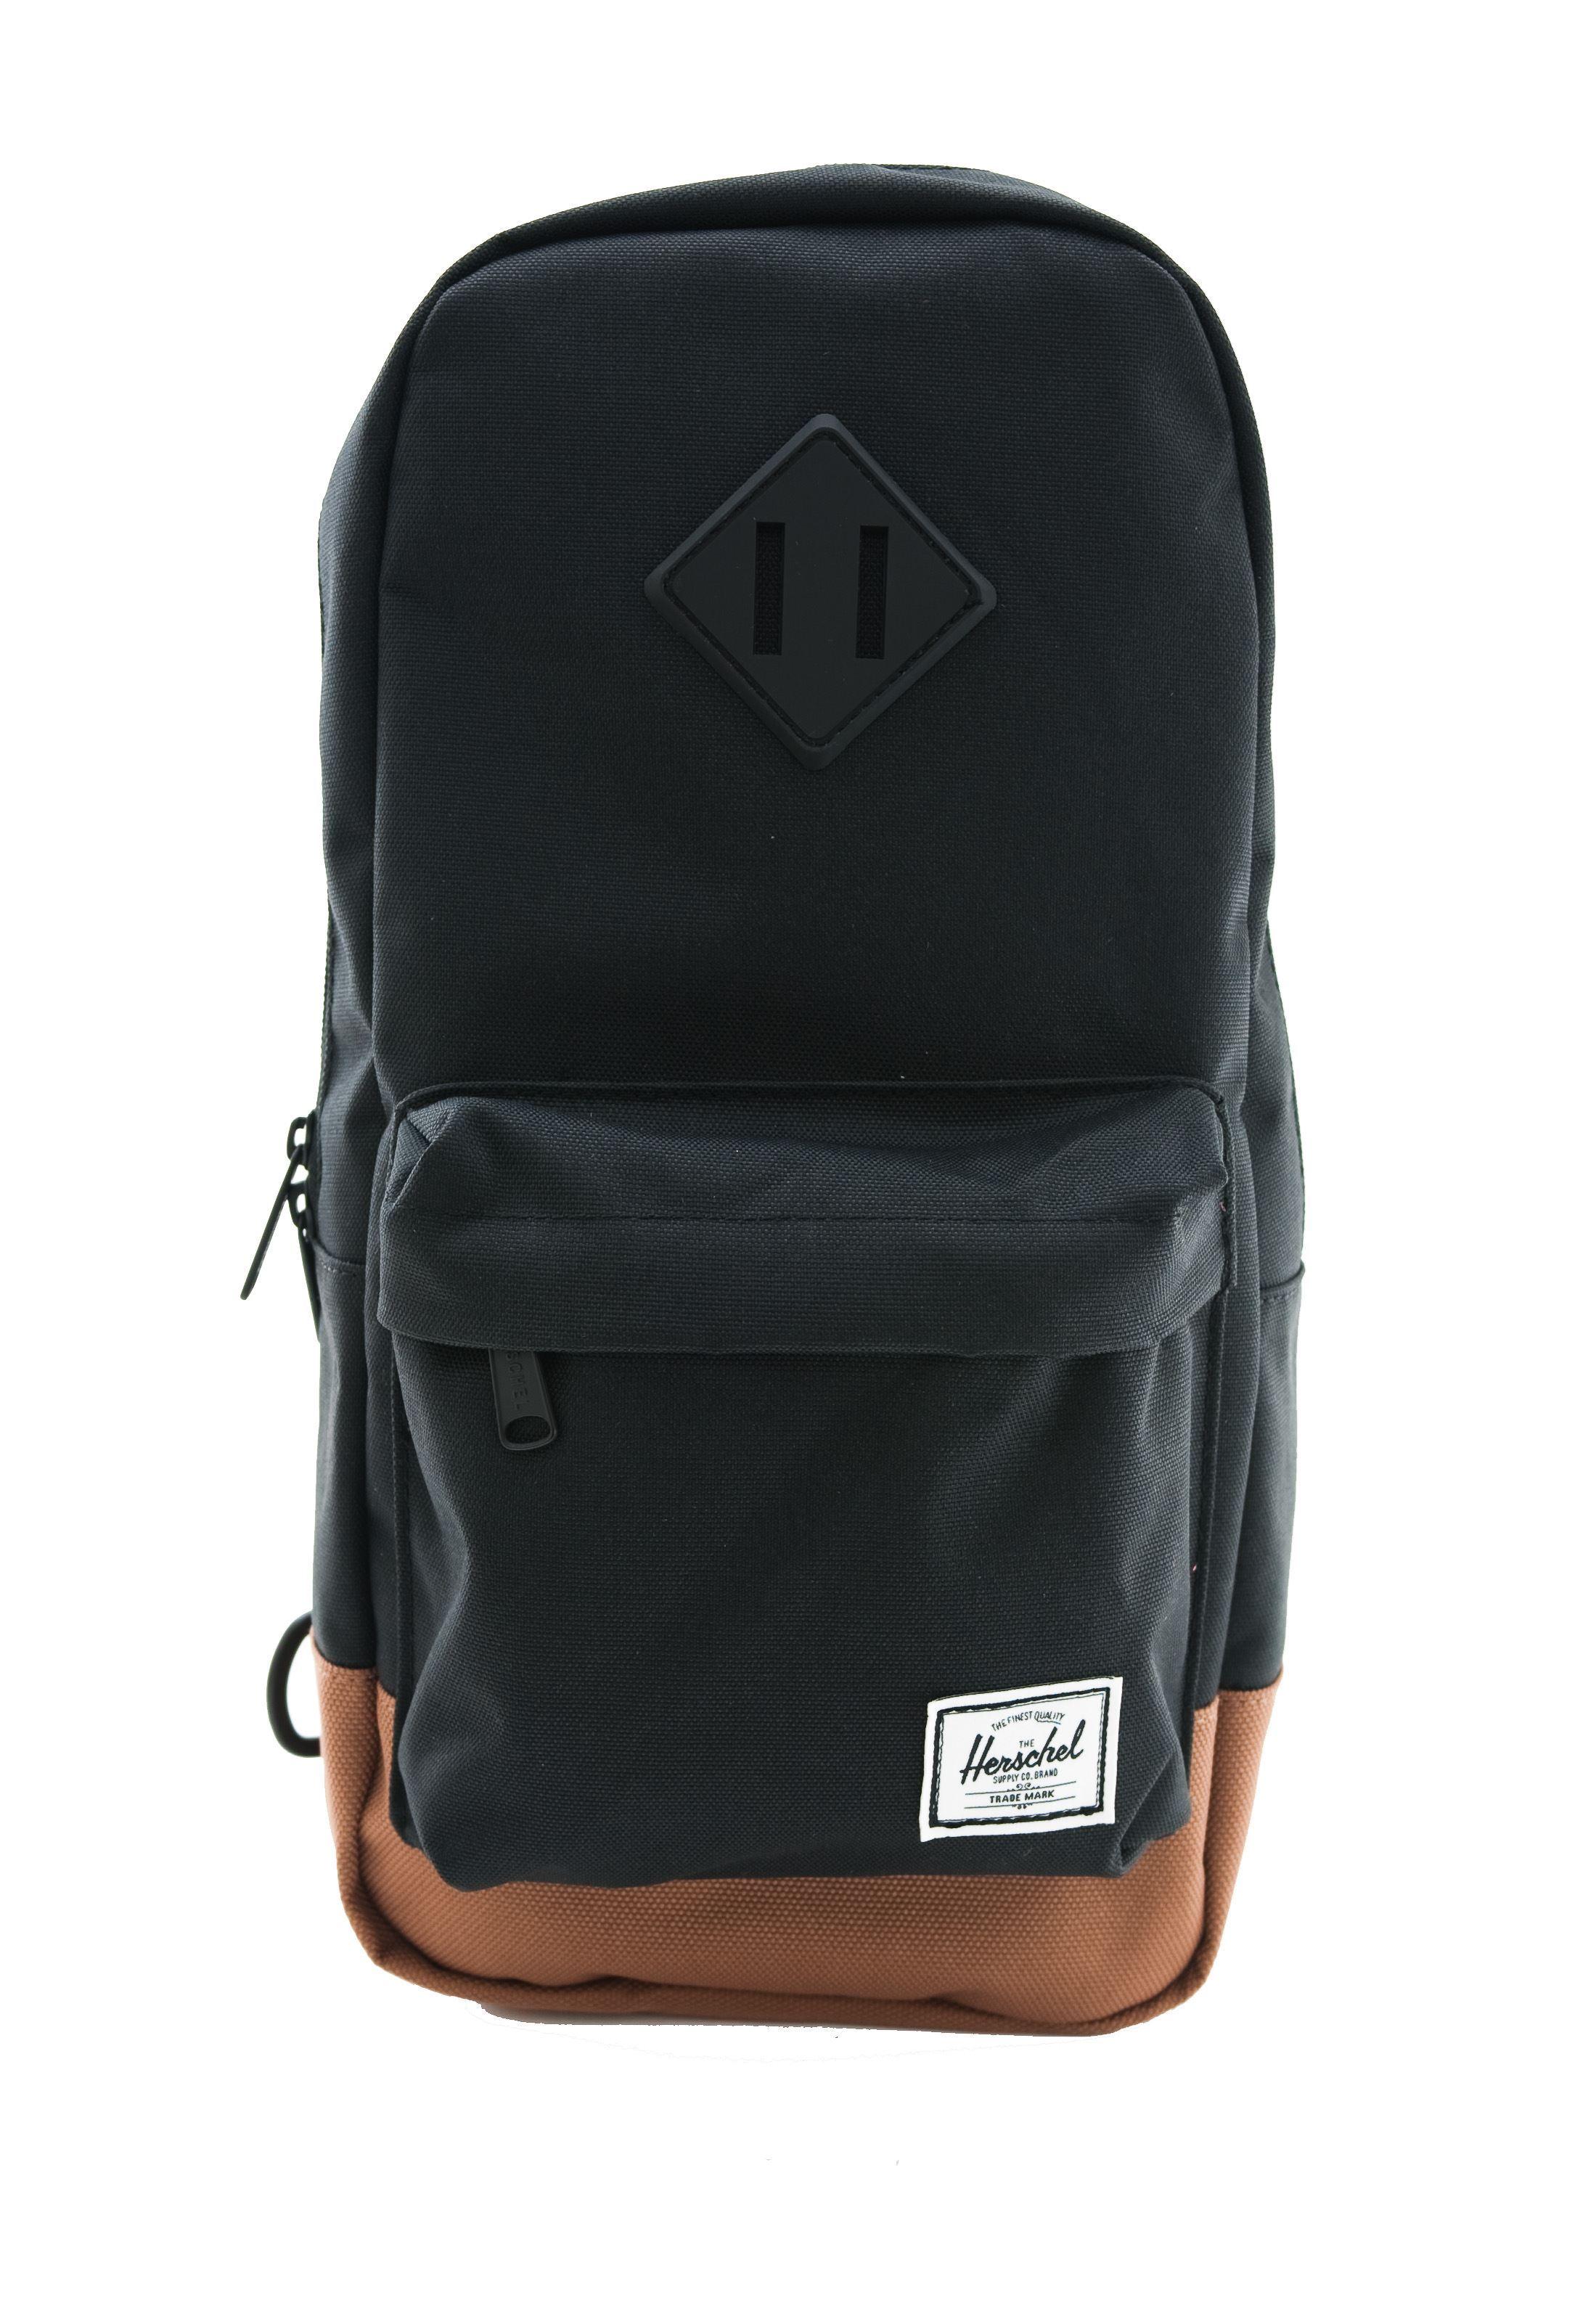 Picture of Heritage Shoulder Bag Black